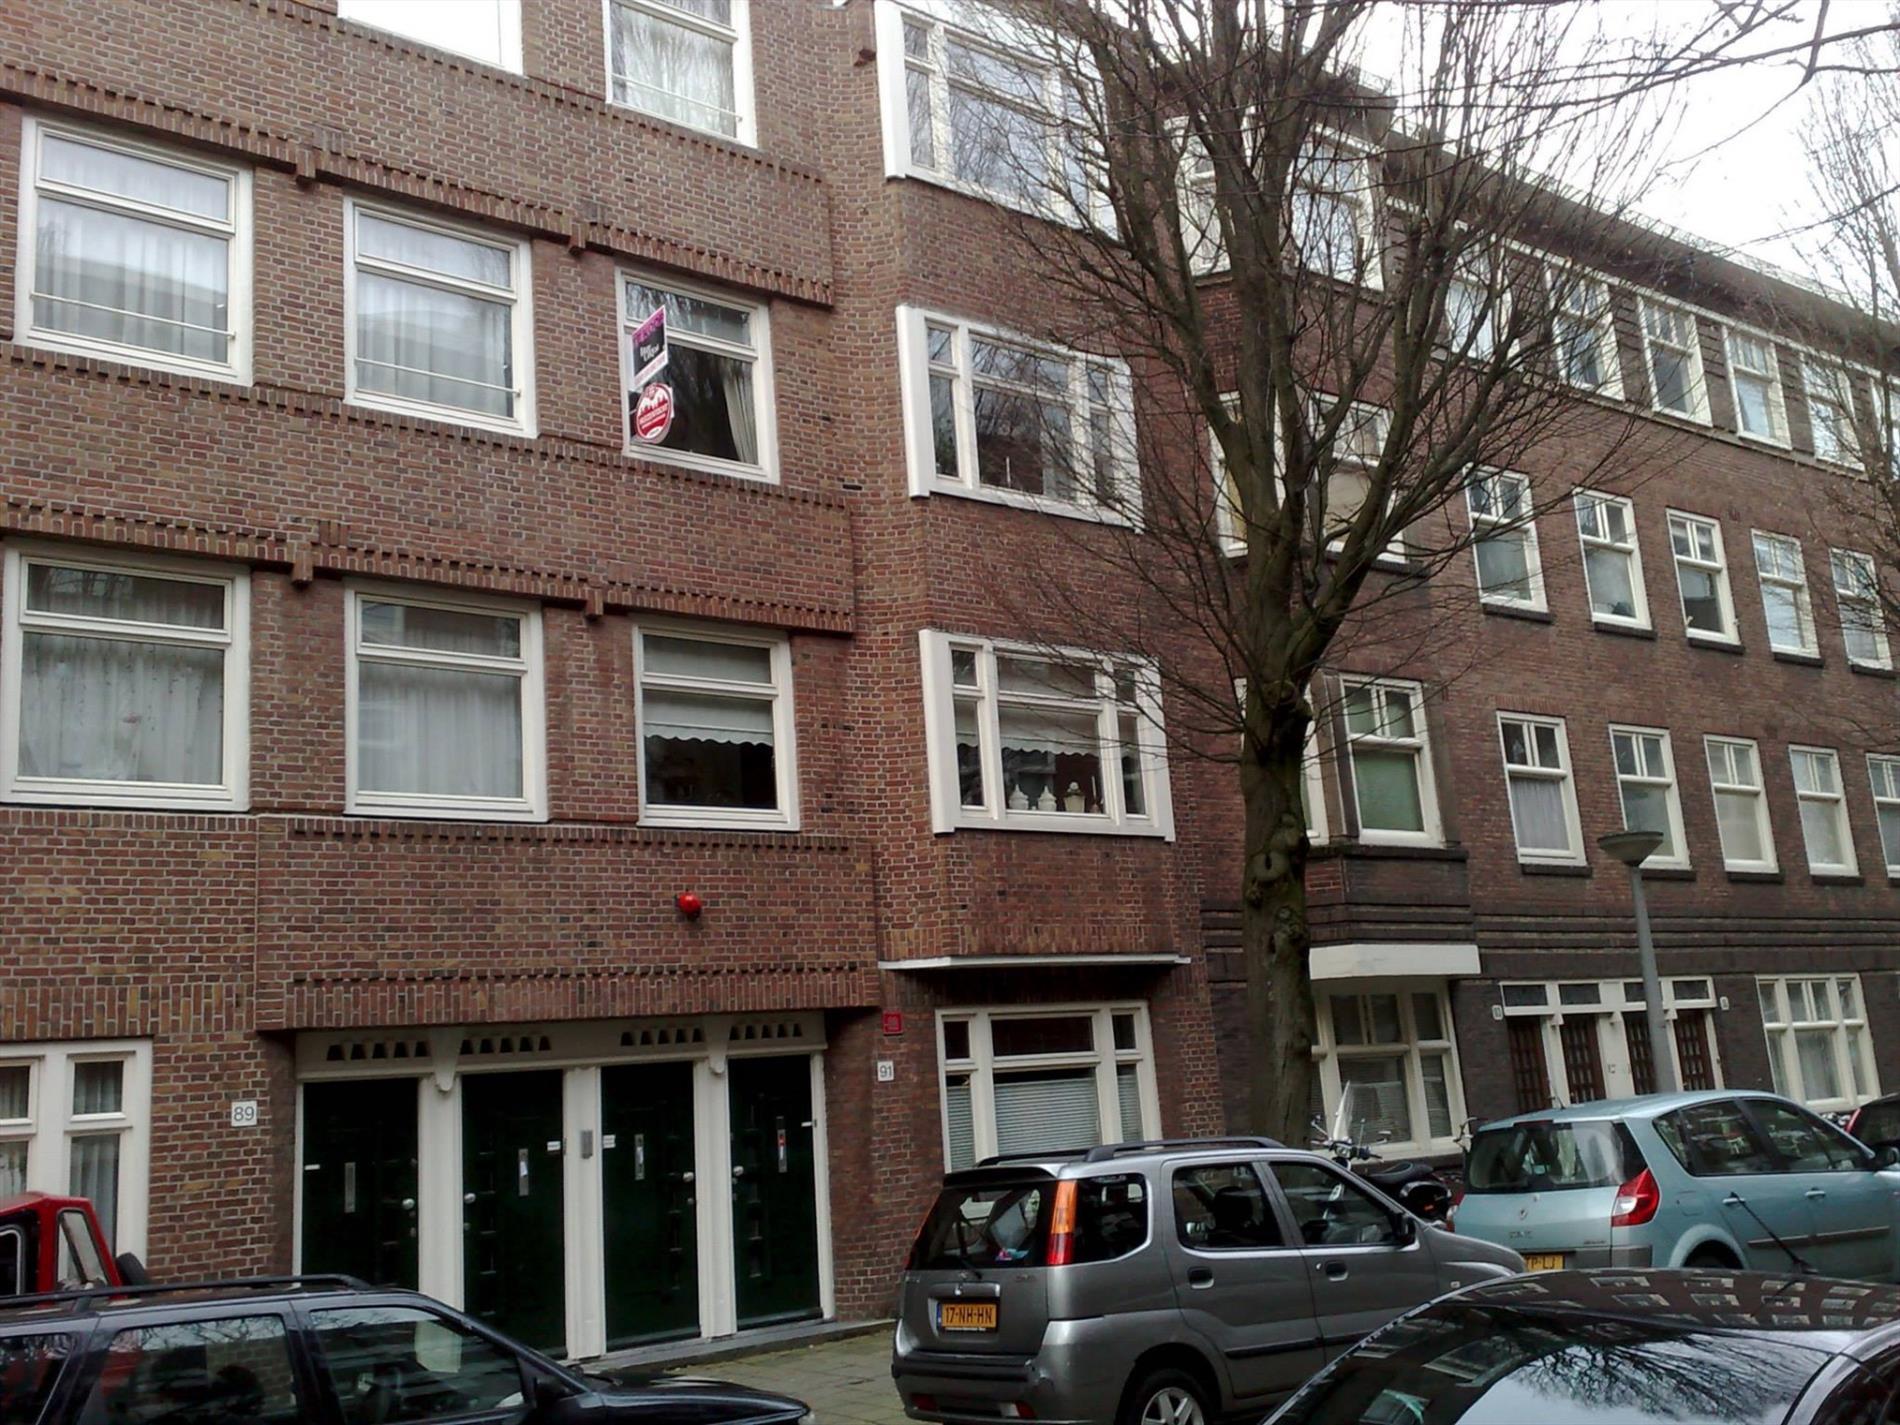 Kromme-Mijdrechtstraat, Amsterdam